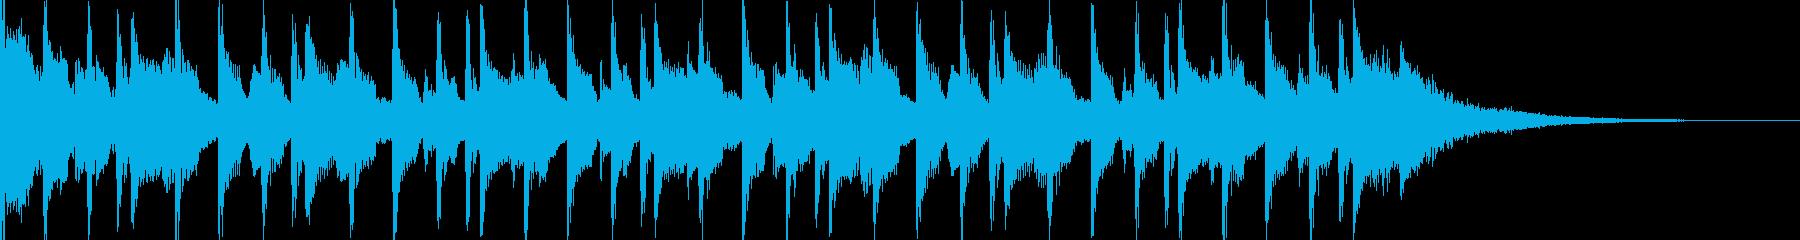 15秒CM可愛いウクレレ/子供/ほのぼのの再生済みの波形